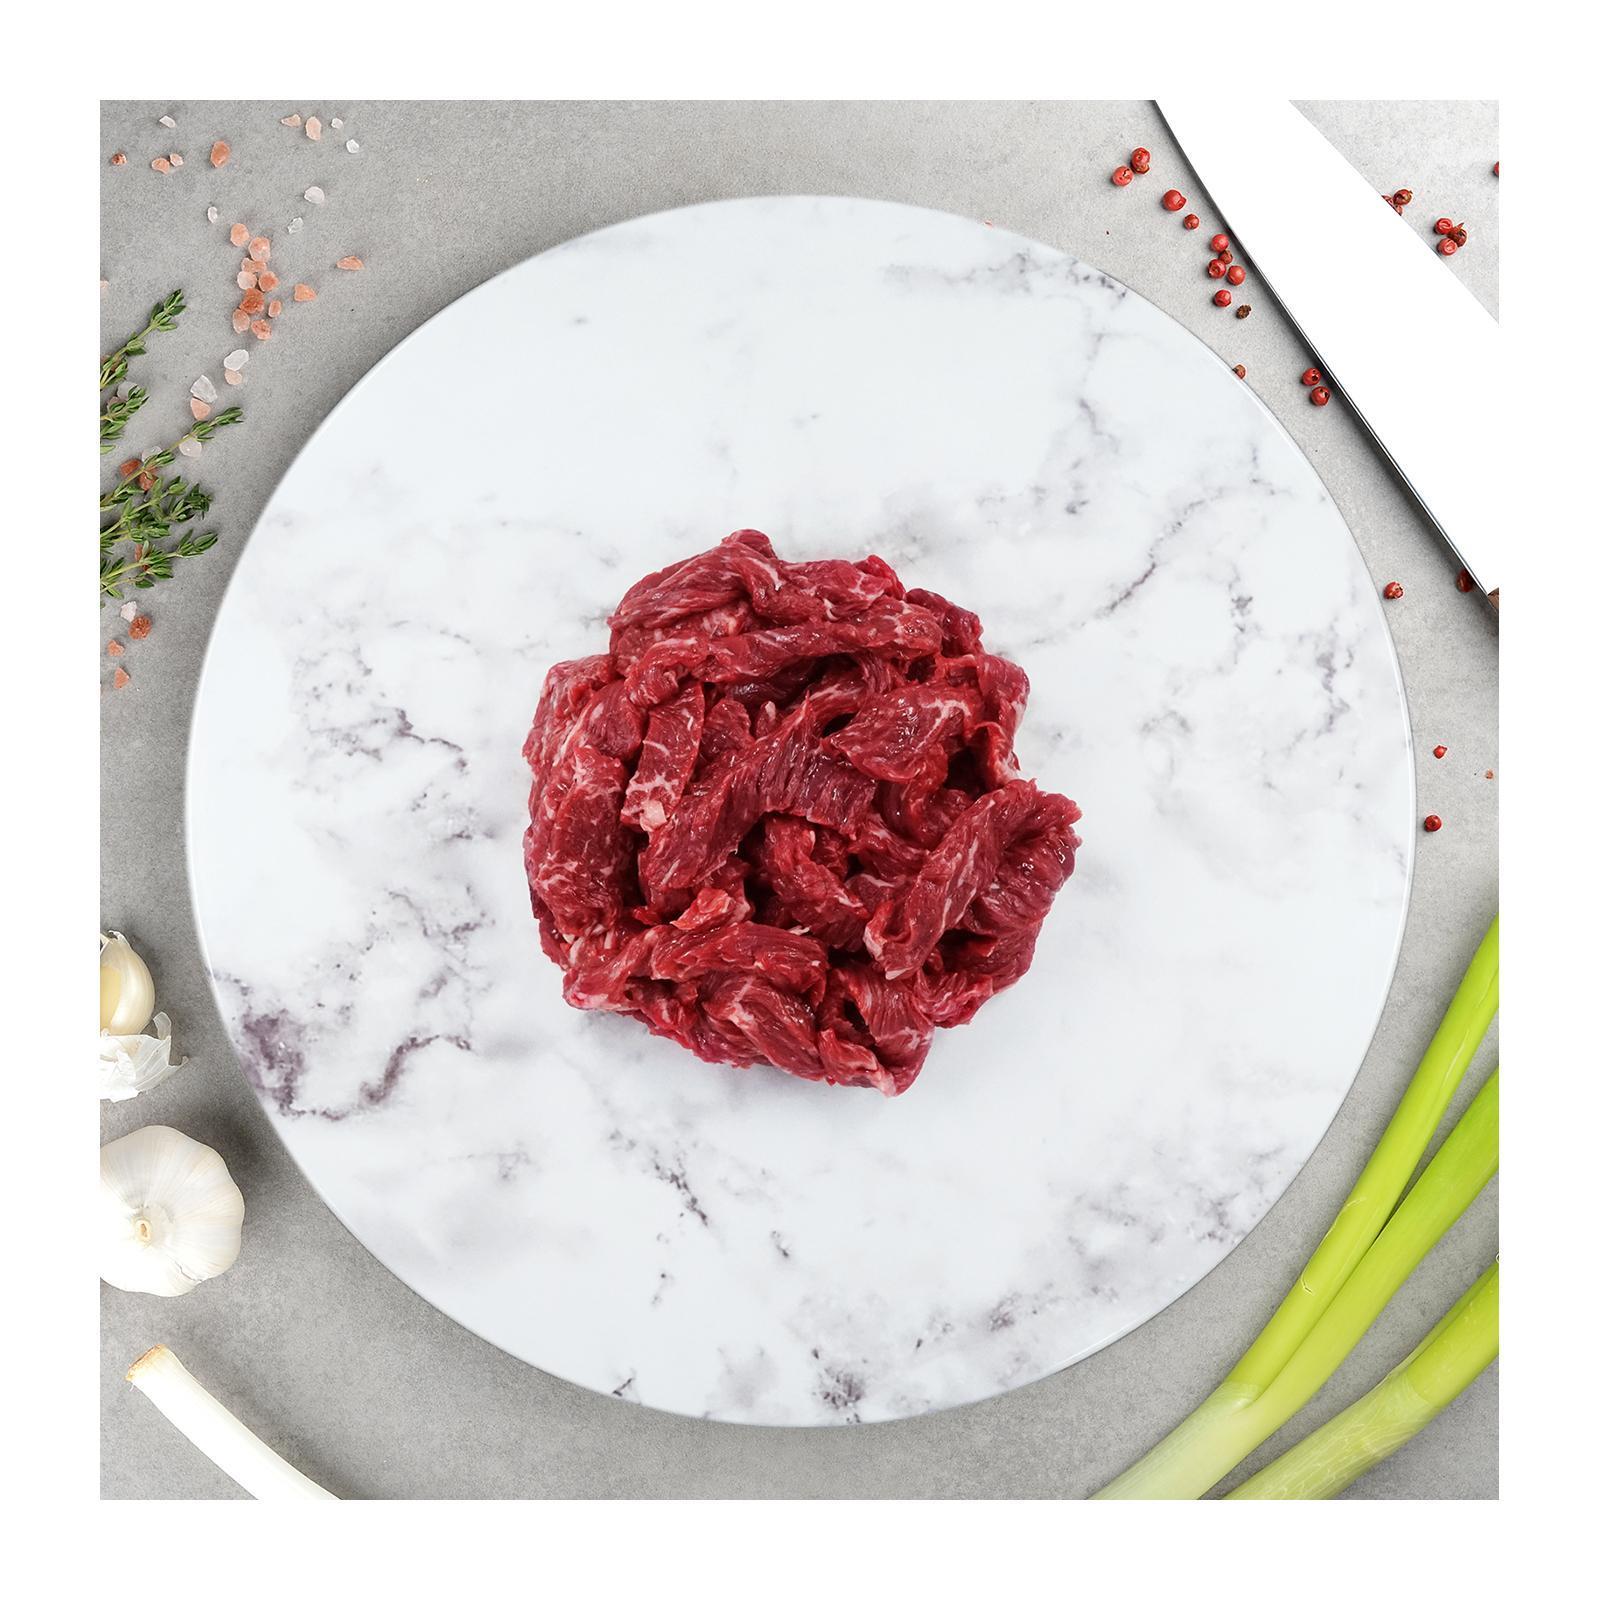 Ryan's WX Wagyu Beef Stir Fry